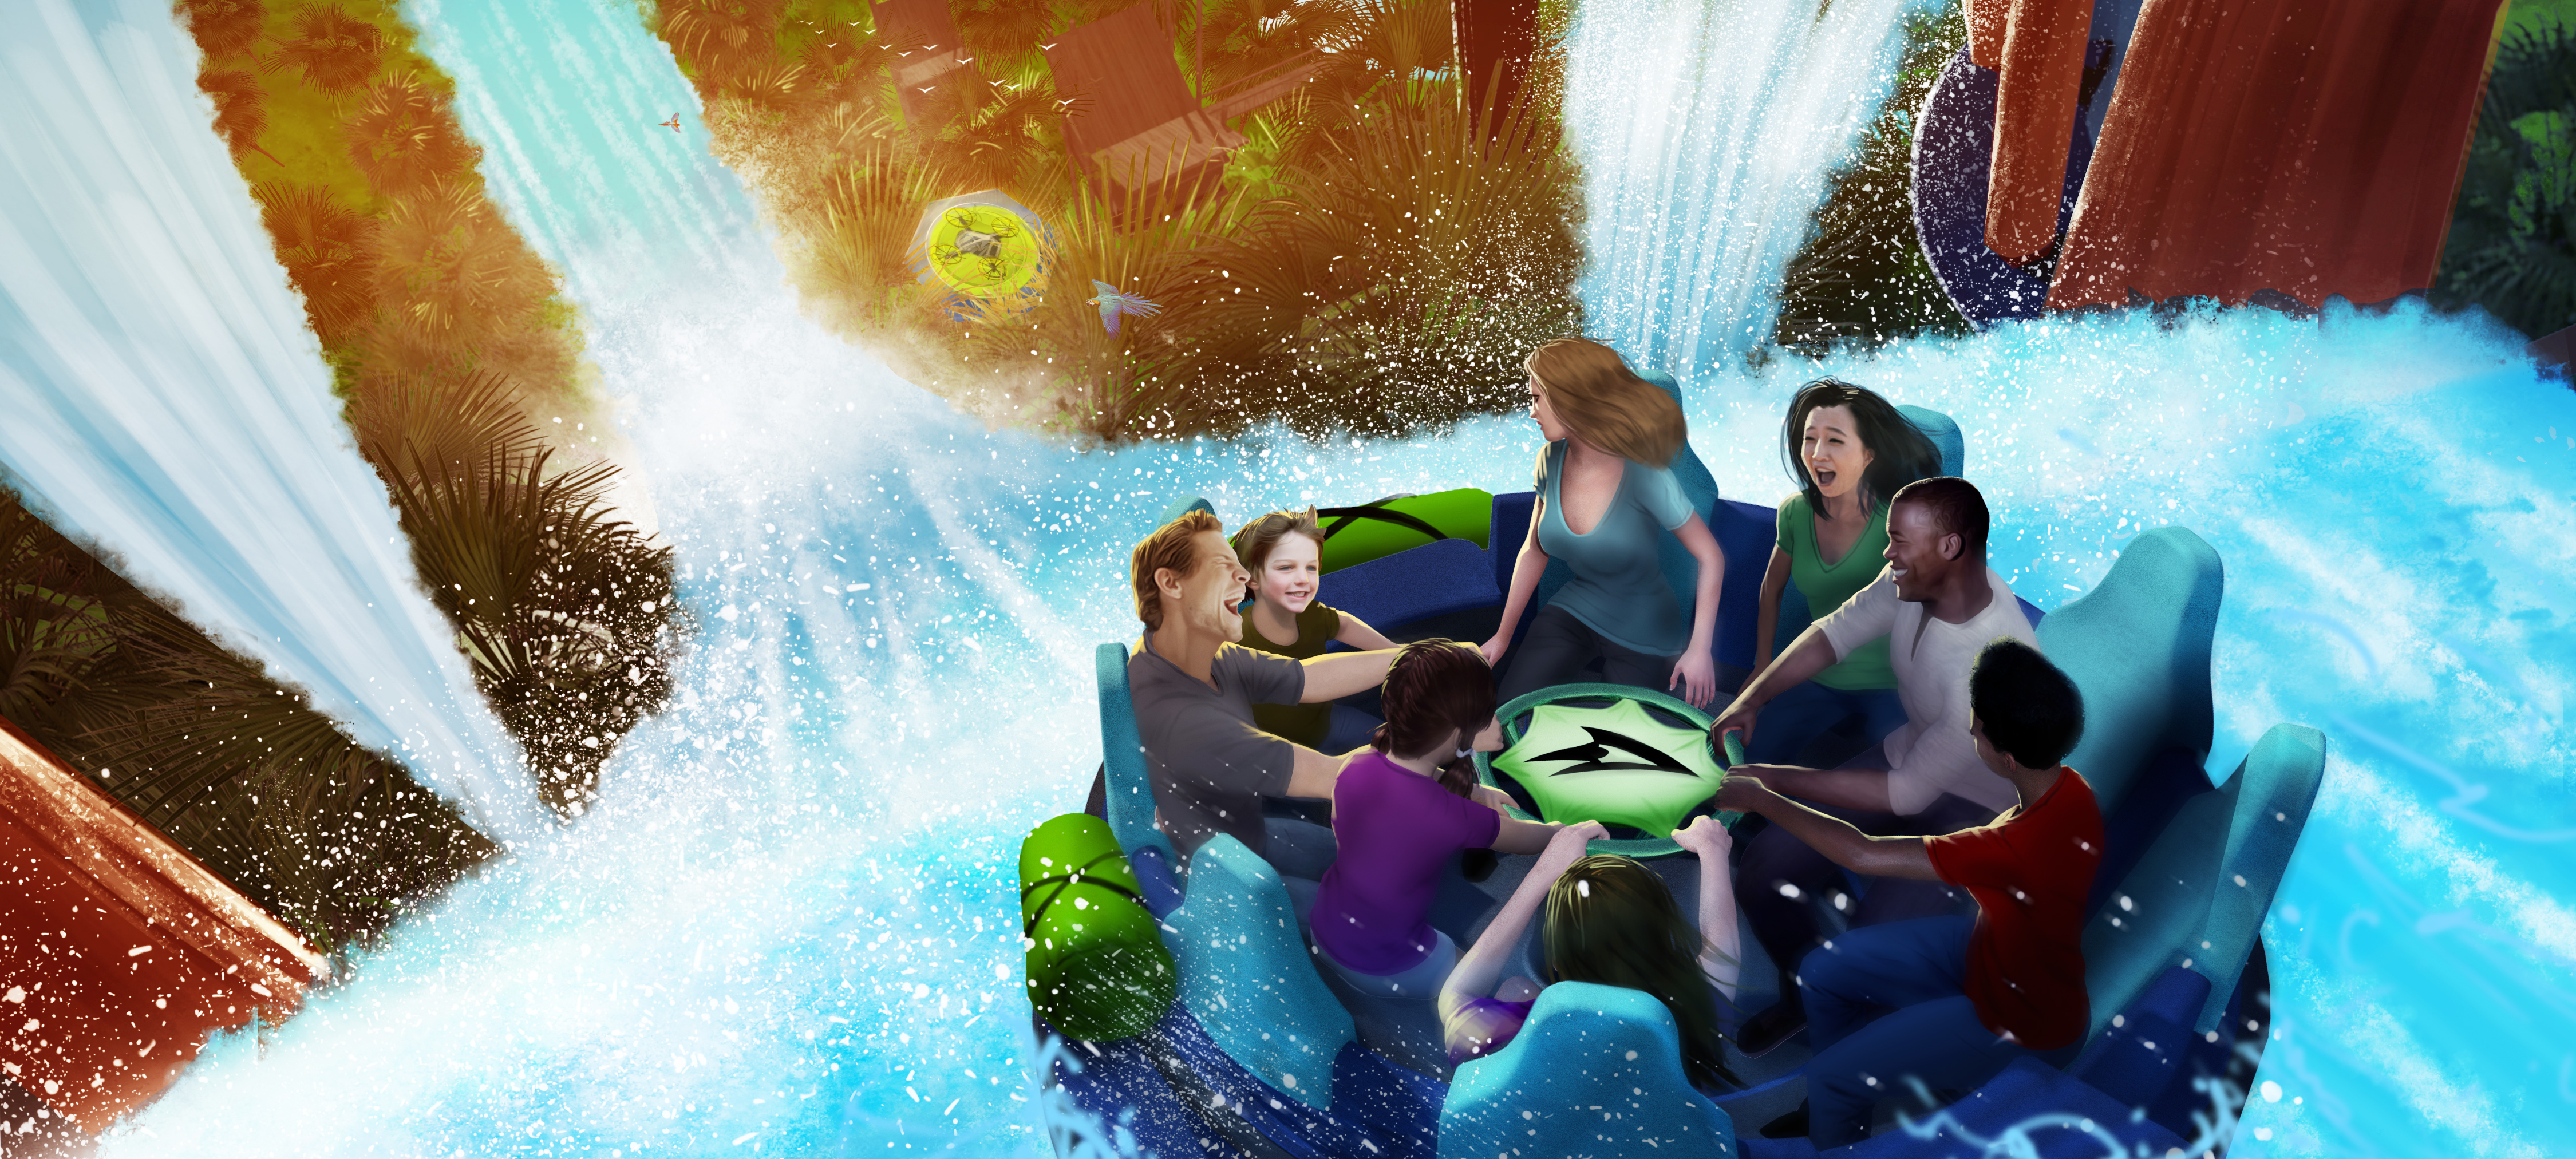 SeaWorld divulga novidades da futura atração Infinity Falls